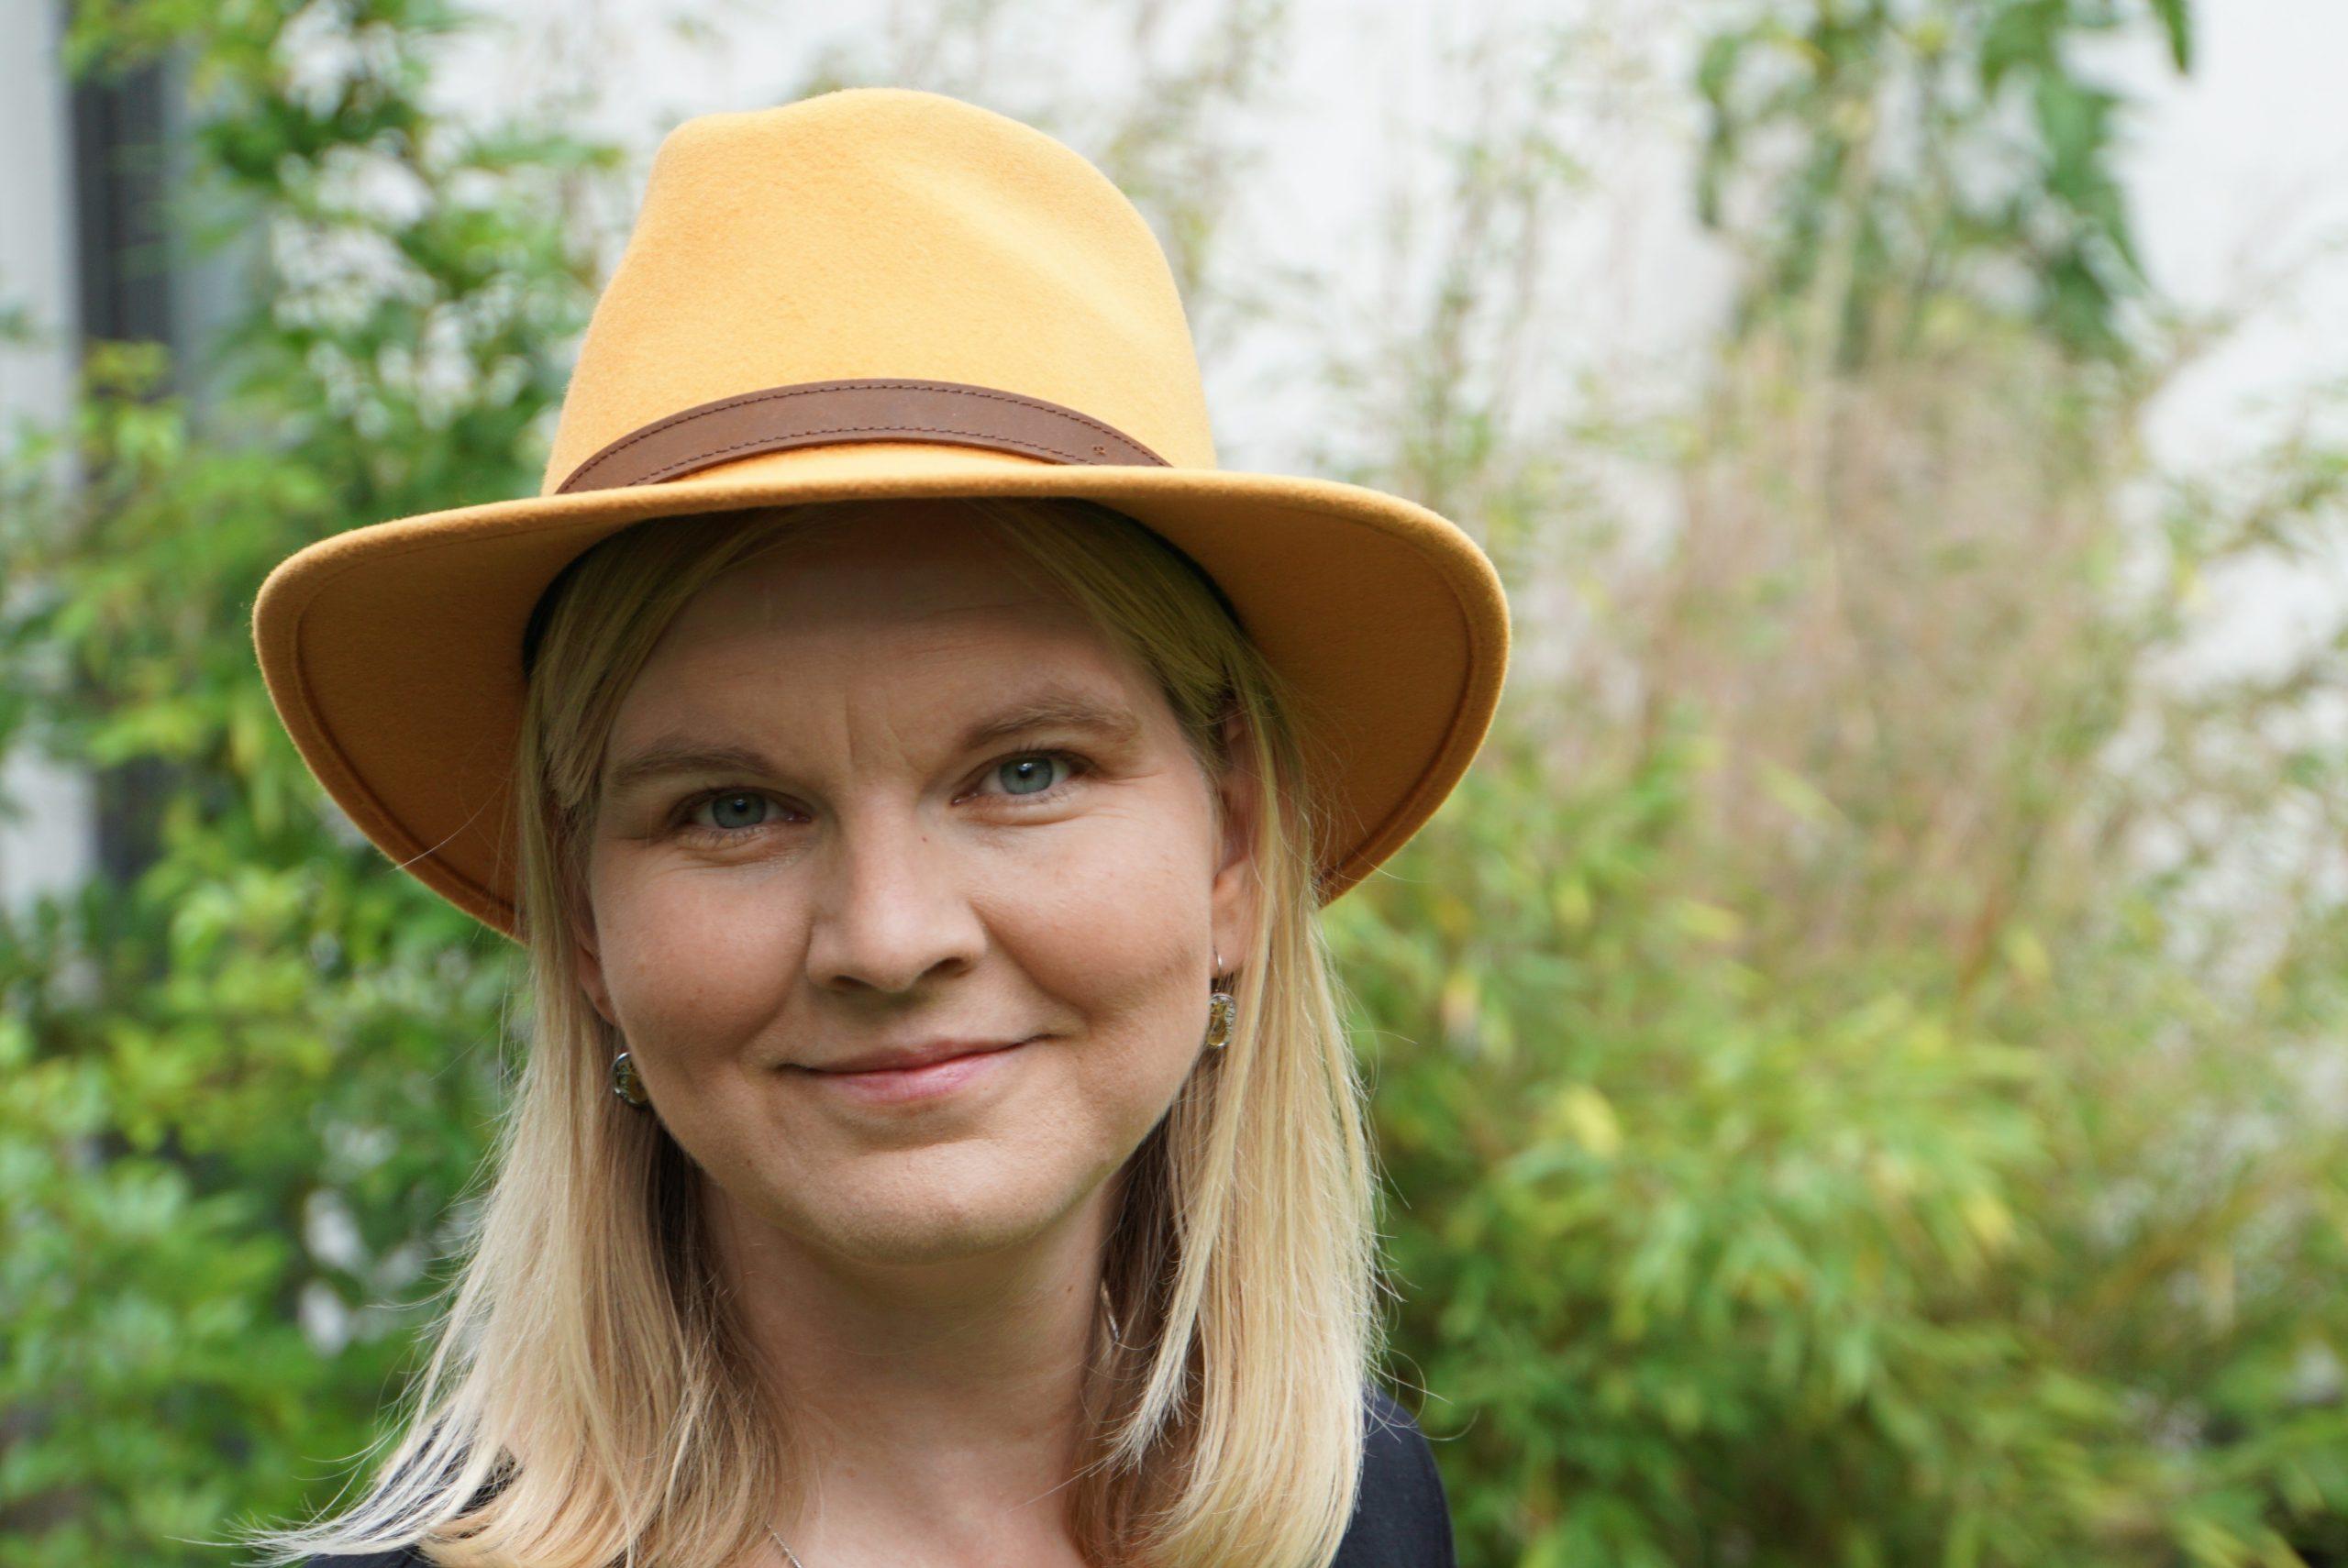 Maylin Wartenberg